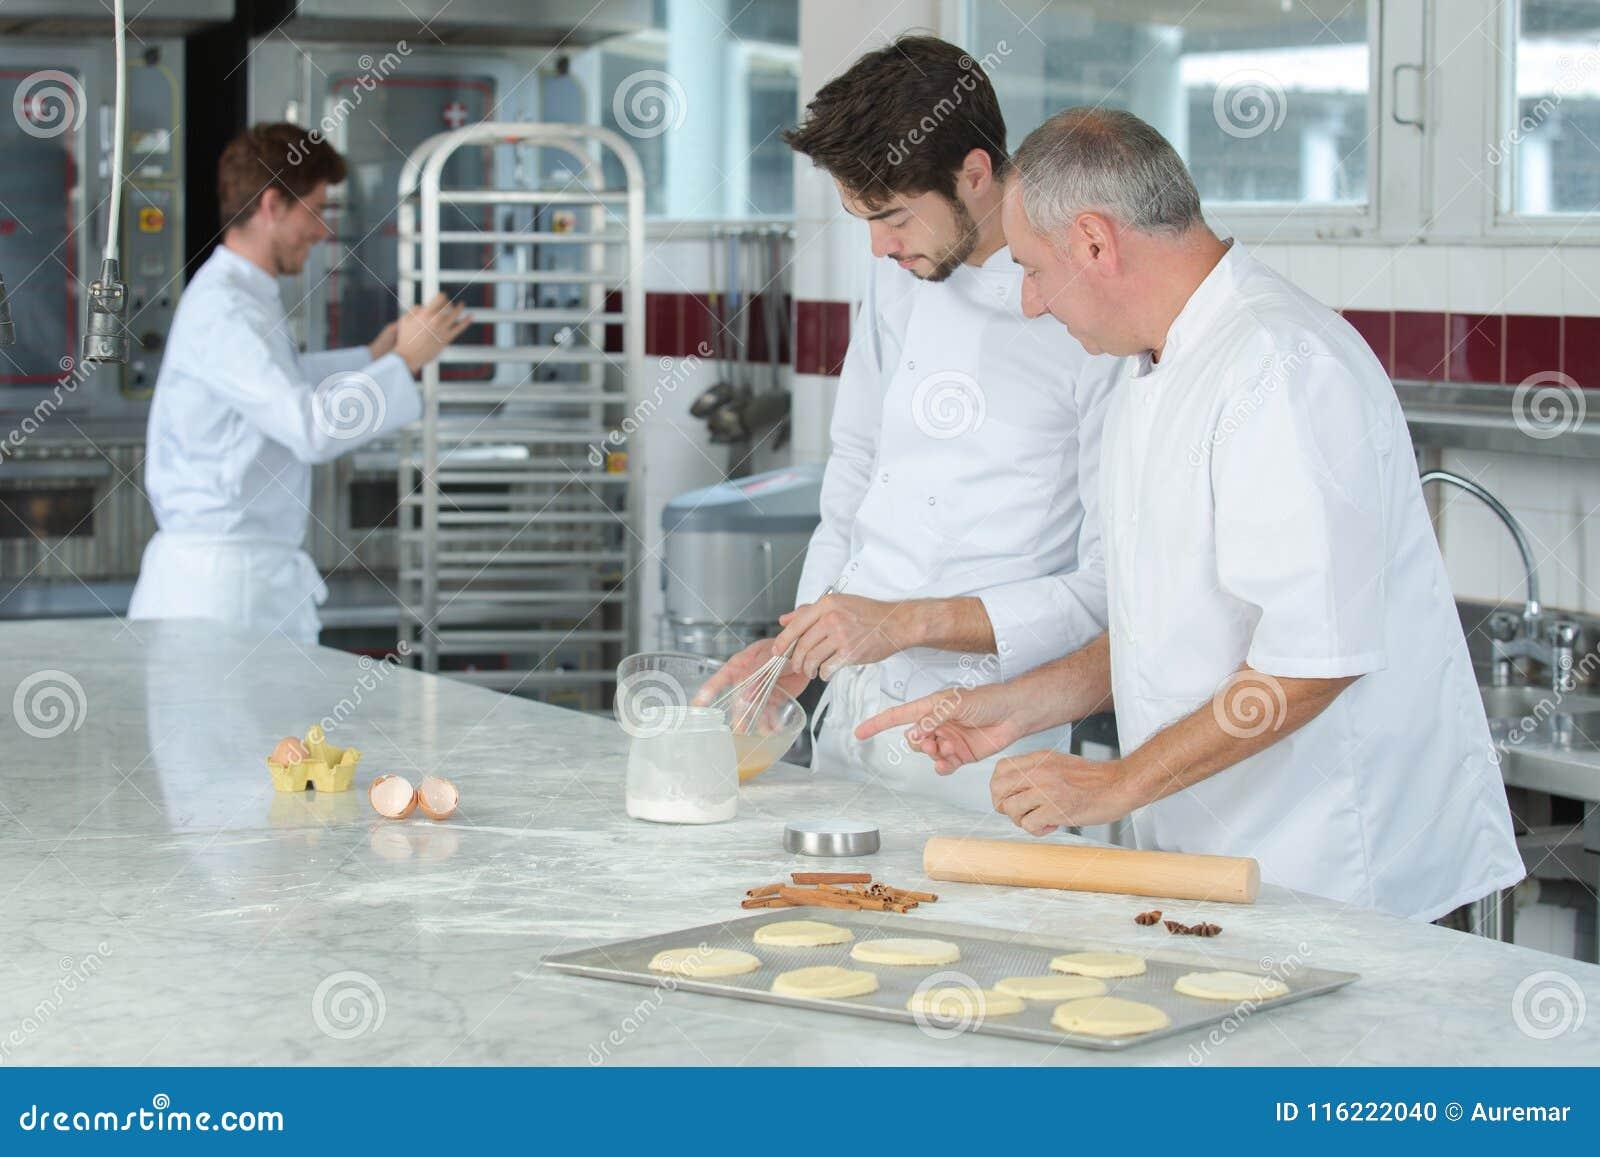 Kulinarnej klasy piekarni kulinarny jedzenie i ludzie pojęć